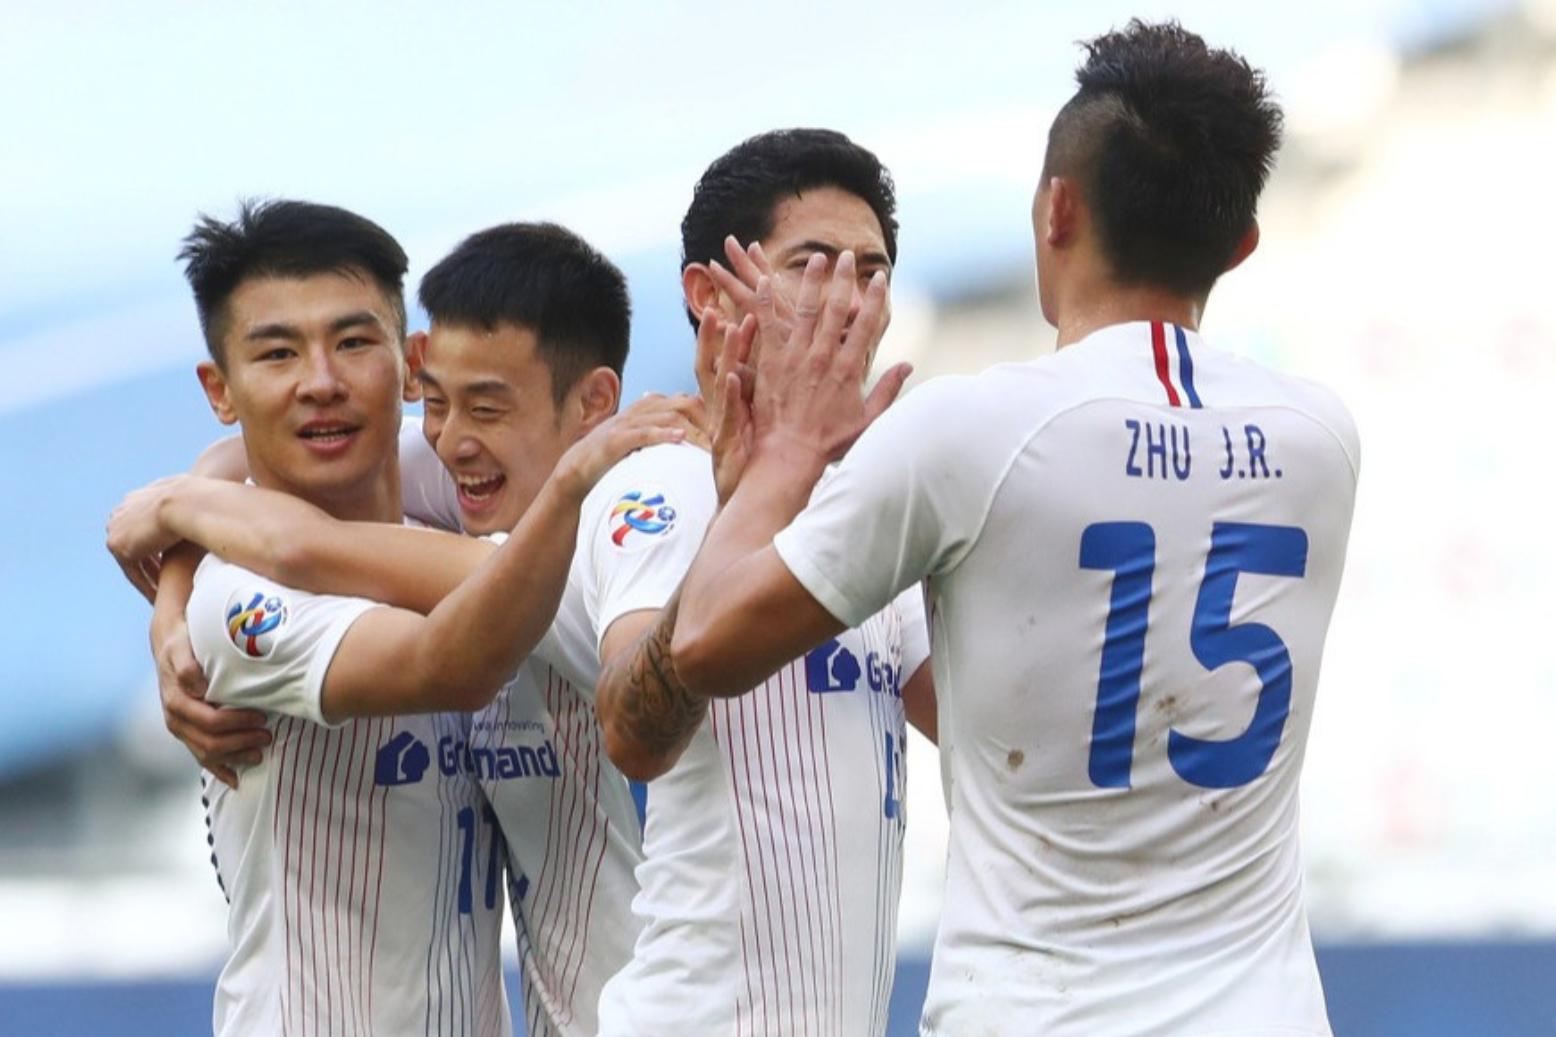 于汉超点射制胜高迪伤退, 申花1-0东京暂升小组第一-今球app官网